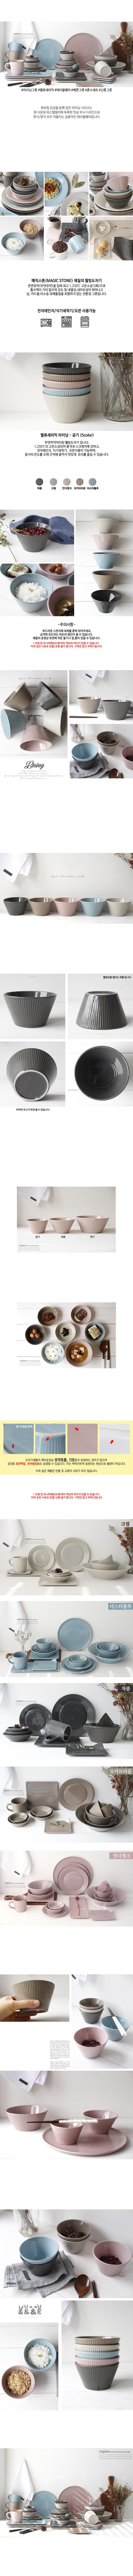 로얄애덜리 라이닝 - 공기 (5color) - 체리하우스, 5,000원, 밥공기/국공기, 밥공기